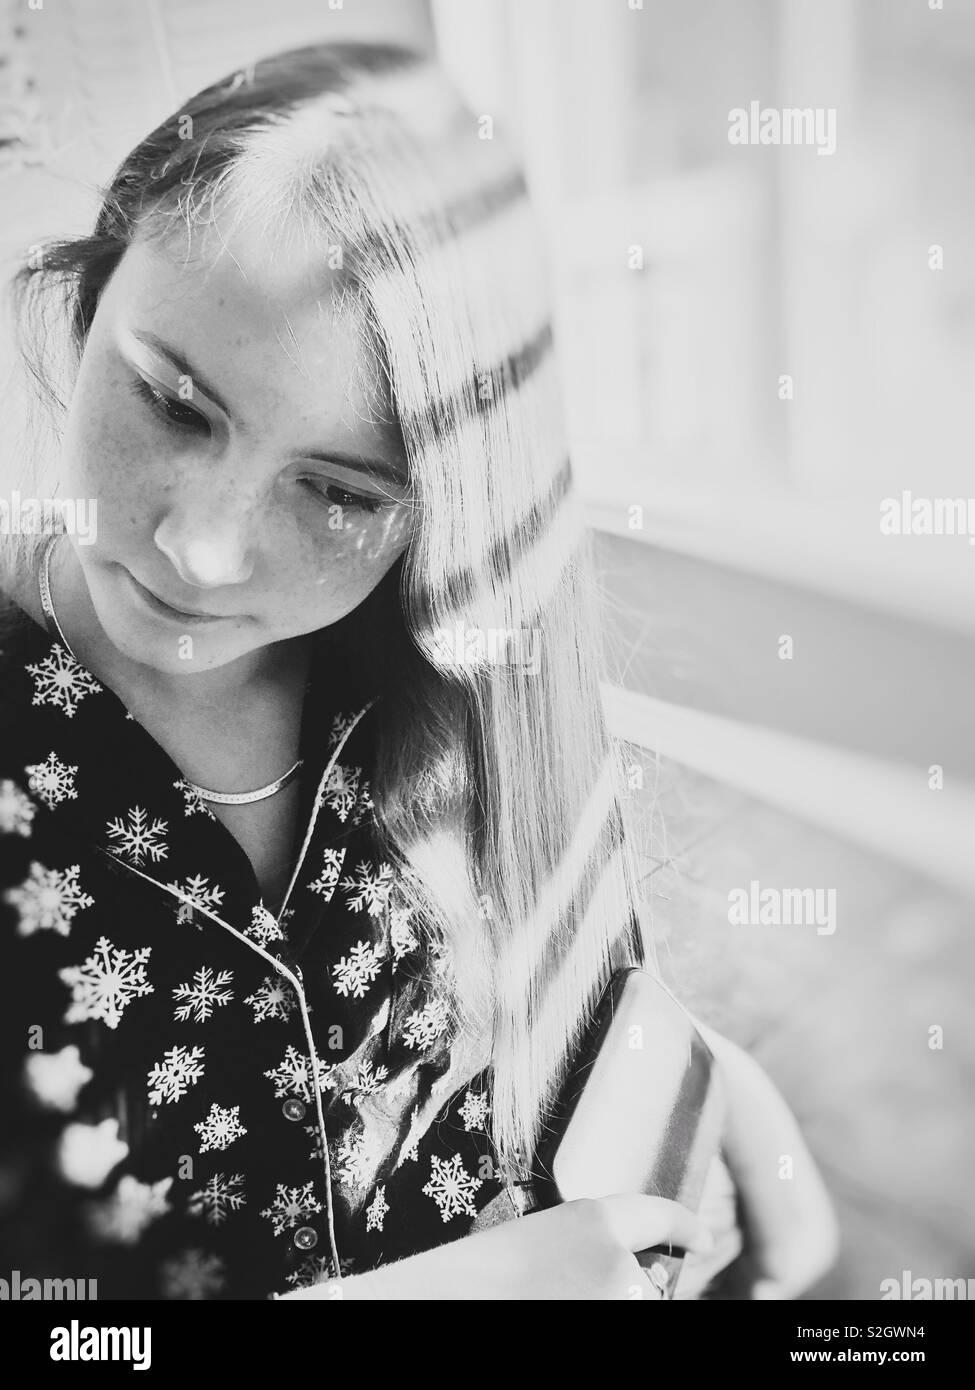 Espacioso, imagen en blanco y negro de adolescente el cepillado de largo, pelo rubio por una ventana con luz solar y sombras Imagen De Stock